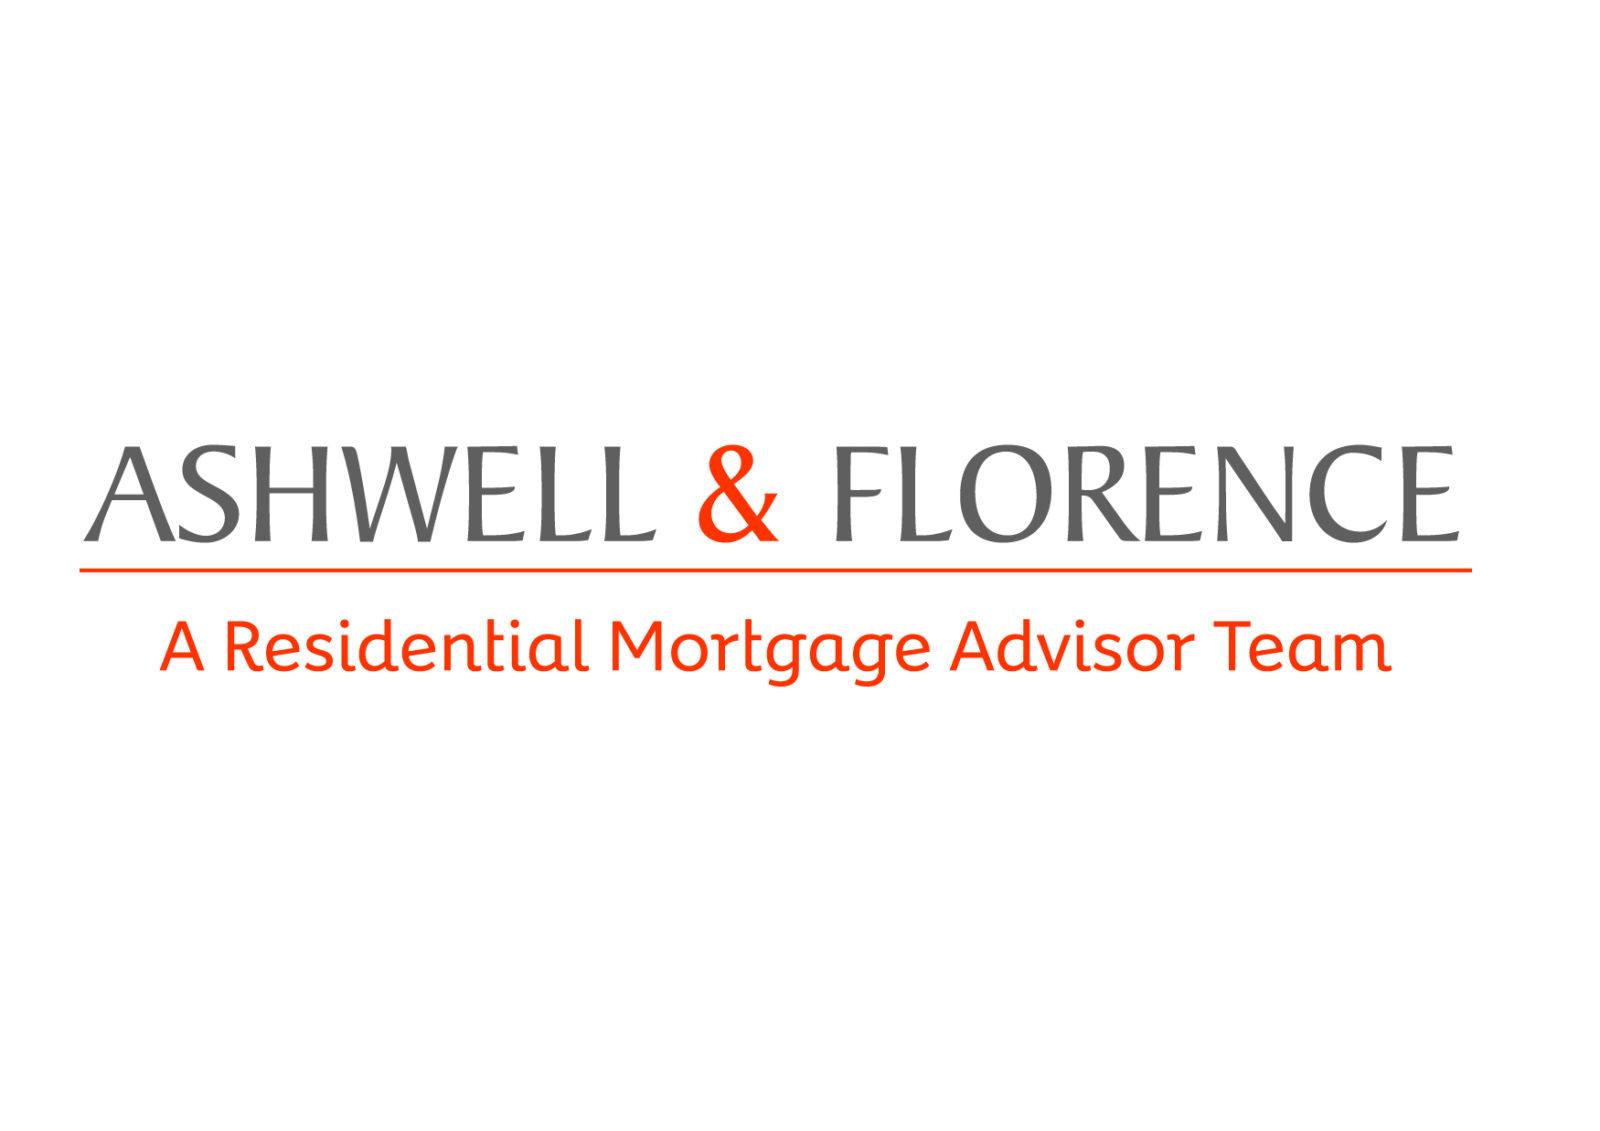 ashwell-florence-residential-lending